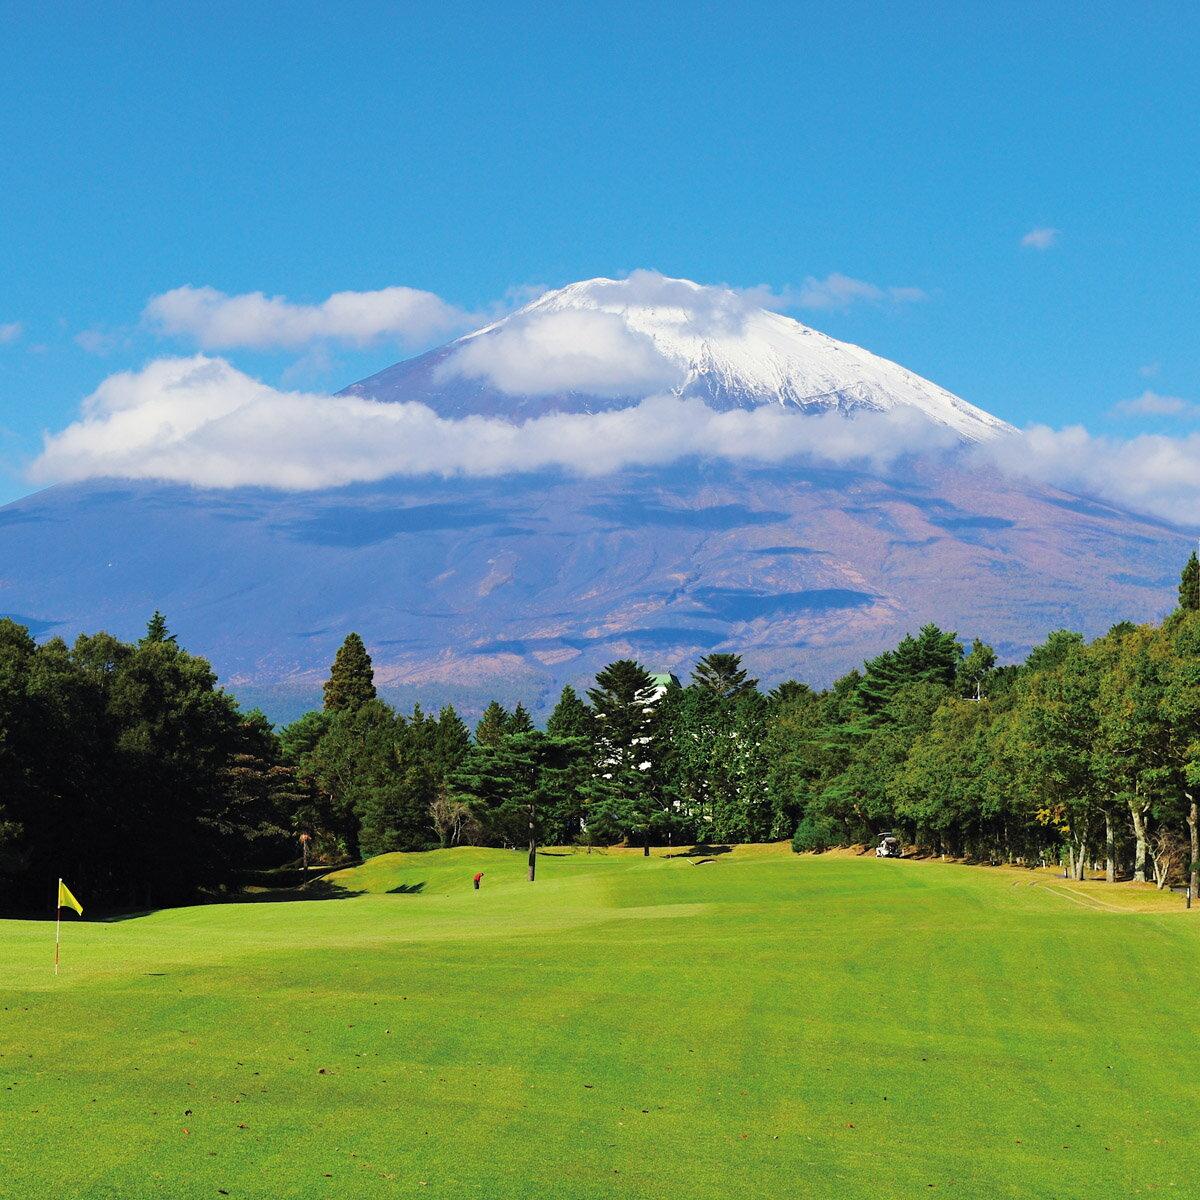 【ふるさと納税】富士平原ゴルフクラブ プレー利用...の商品画像